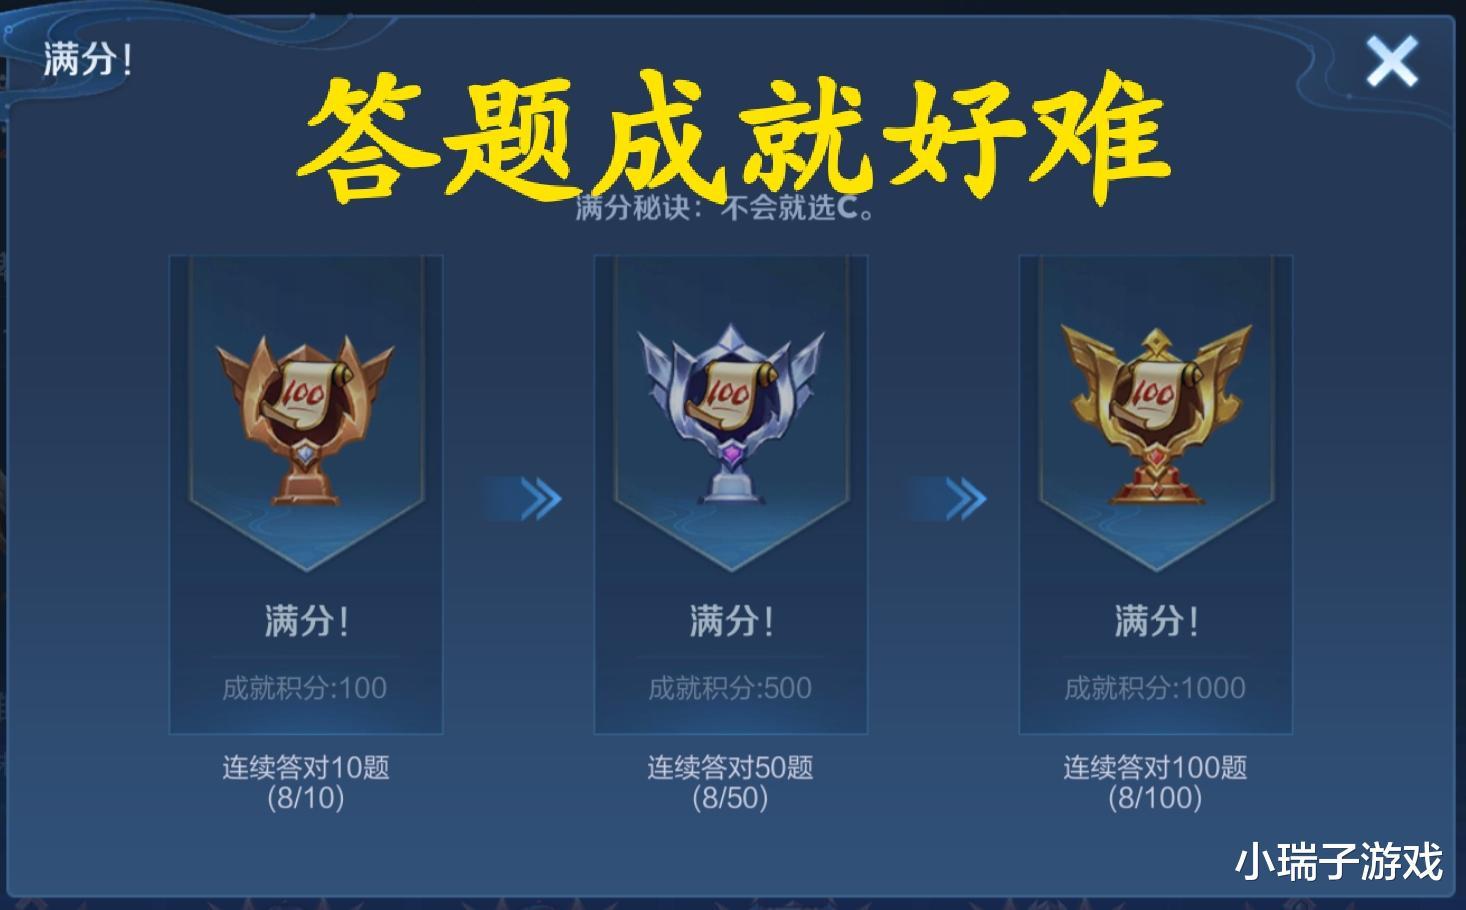 王者荣耀:最难完成的5个成就,打了5年游戏的我至今都完成不了 - 游戏资讯(早游戏)